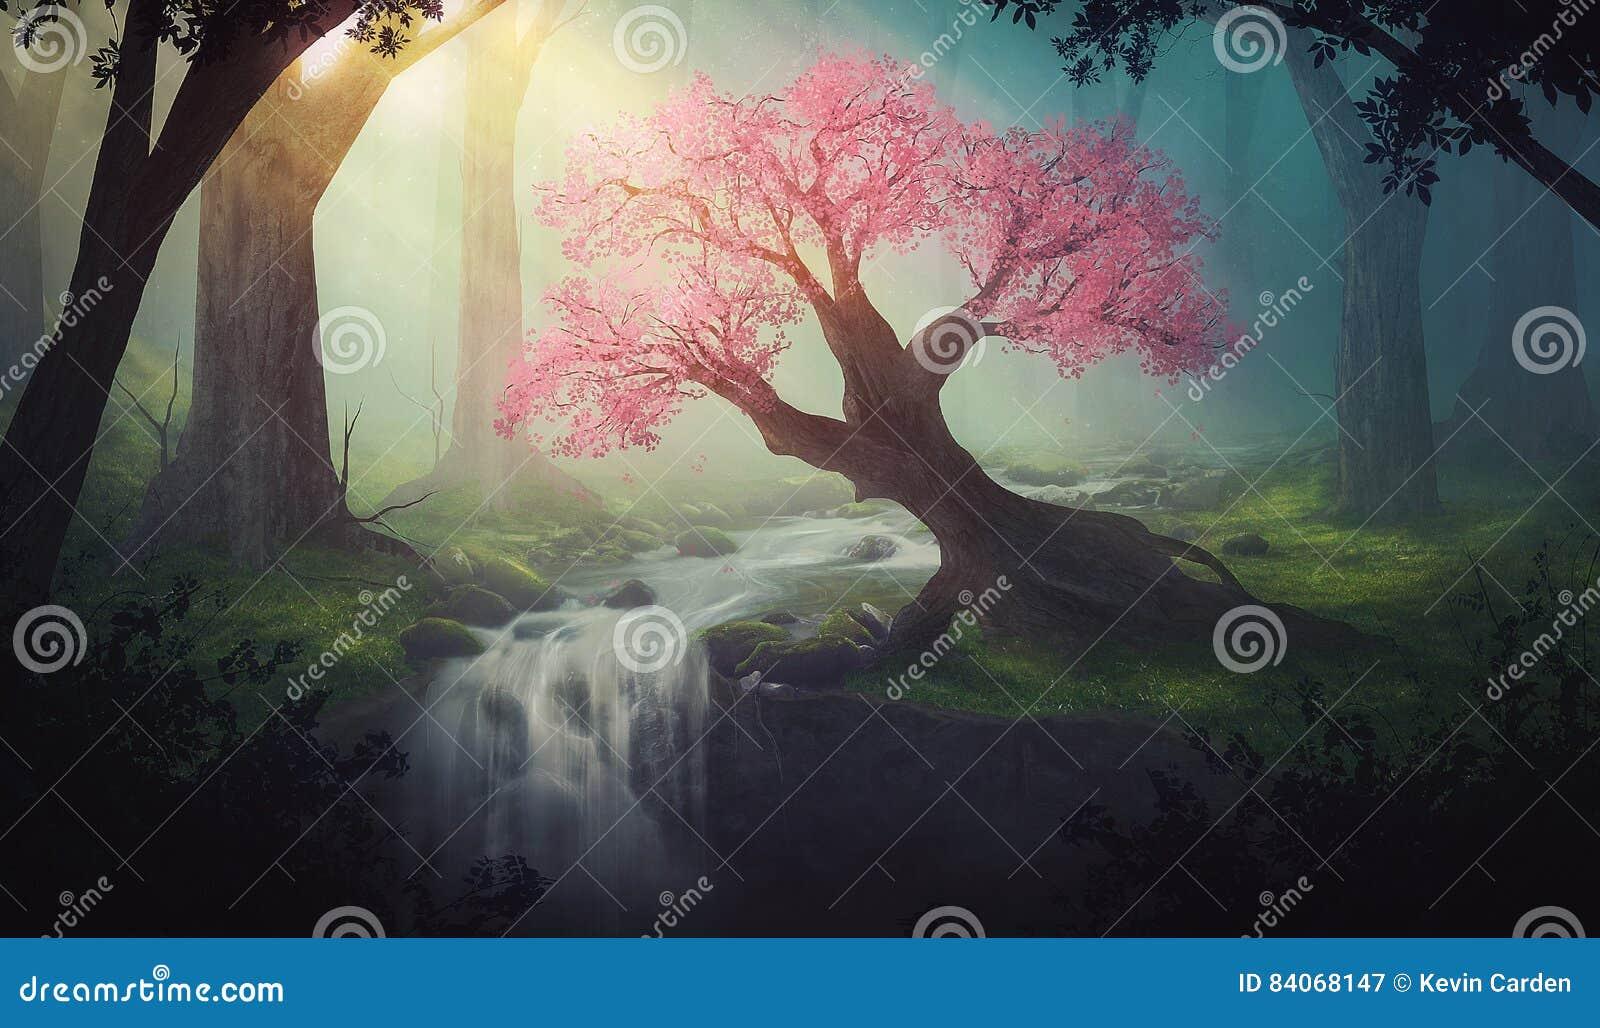 Rosa träd i skog